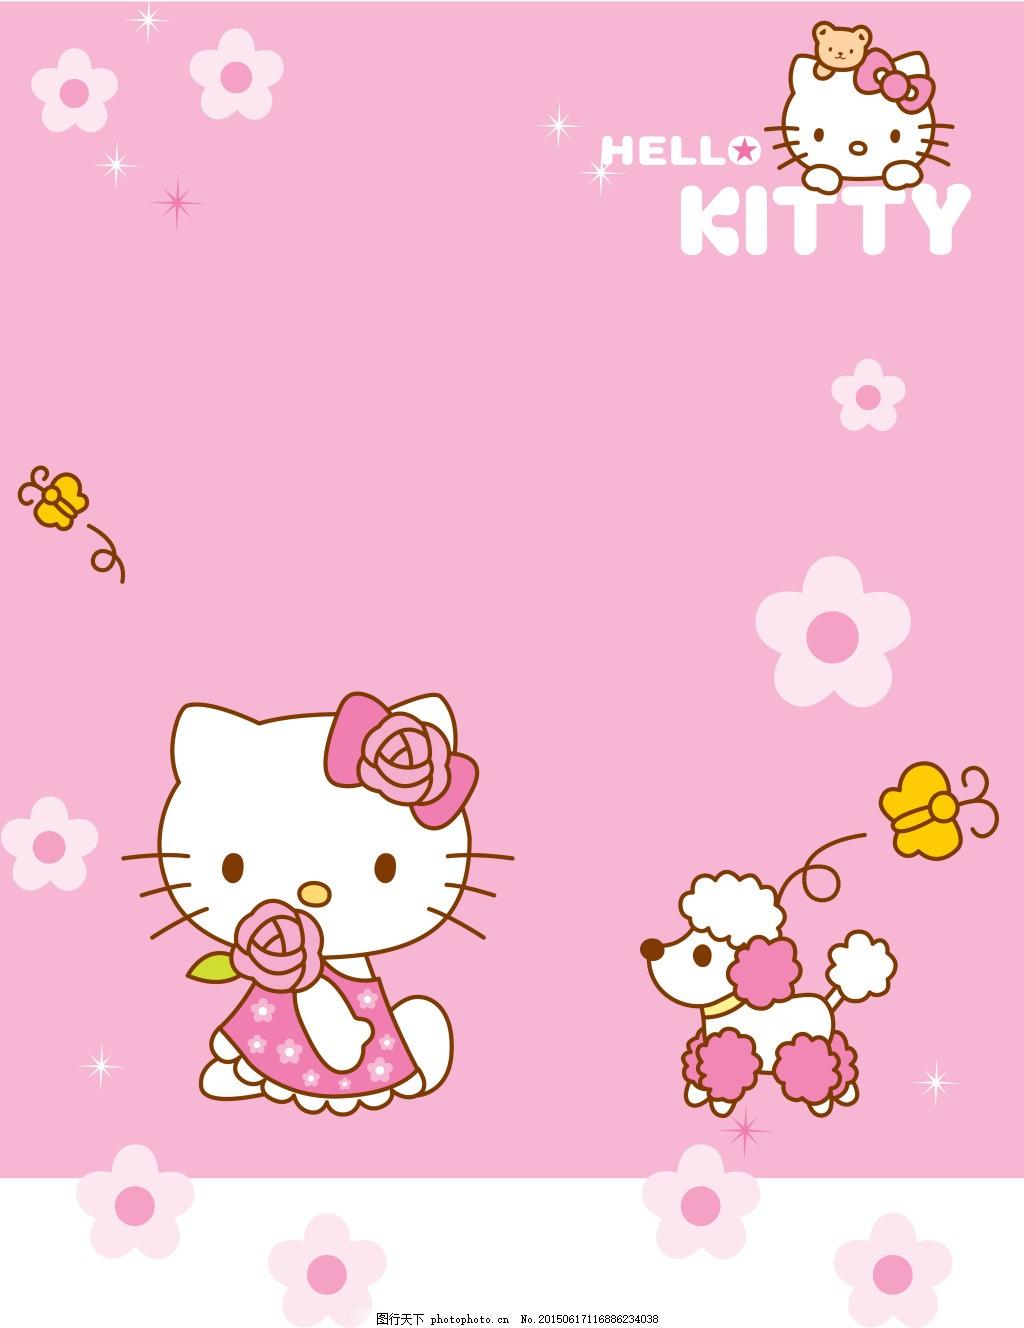 卡通猫 高清图片素材模版素材广告背景素材 白色